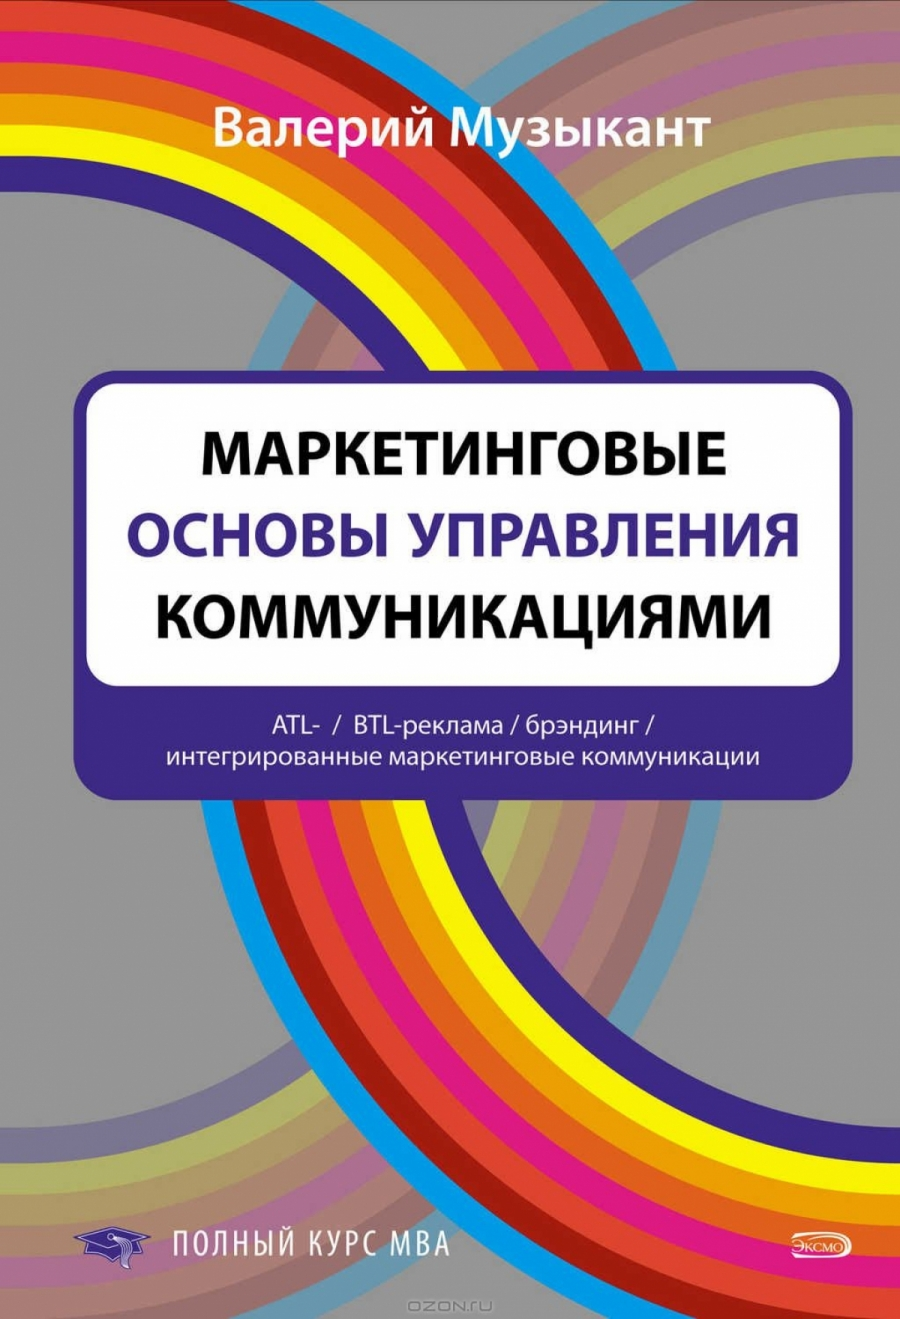 Обложка книги:  музыкант в. - маркетинговые основы управления коммуникациями. atl- btl-реклама брэндинг интегрированные